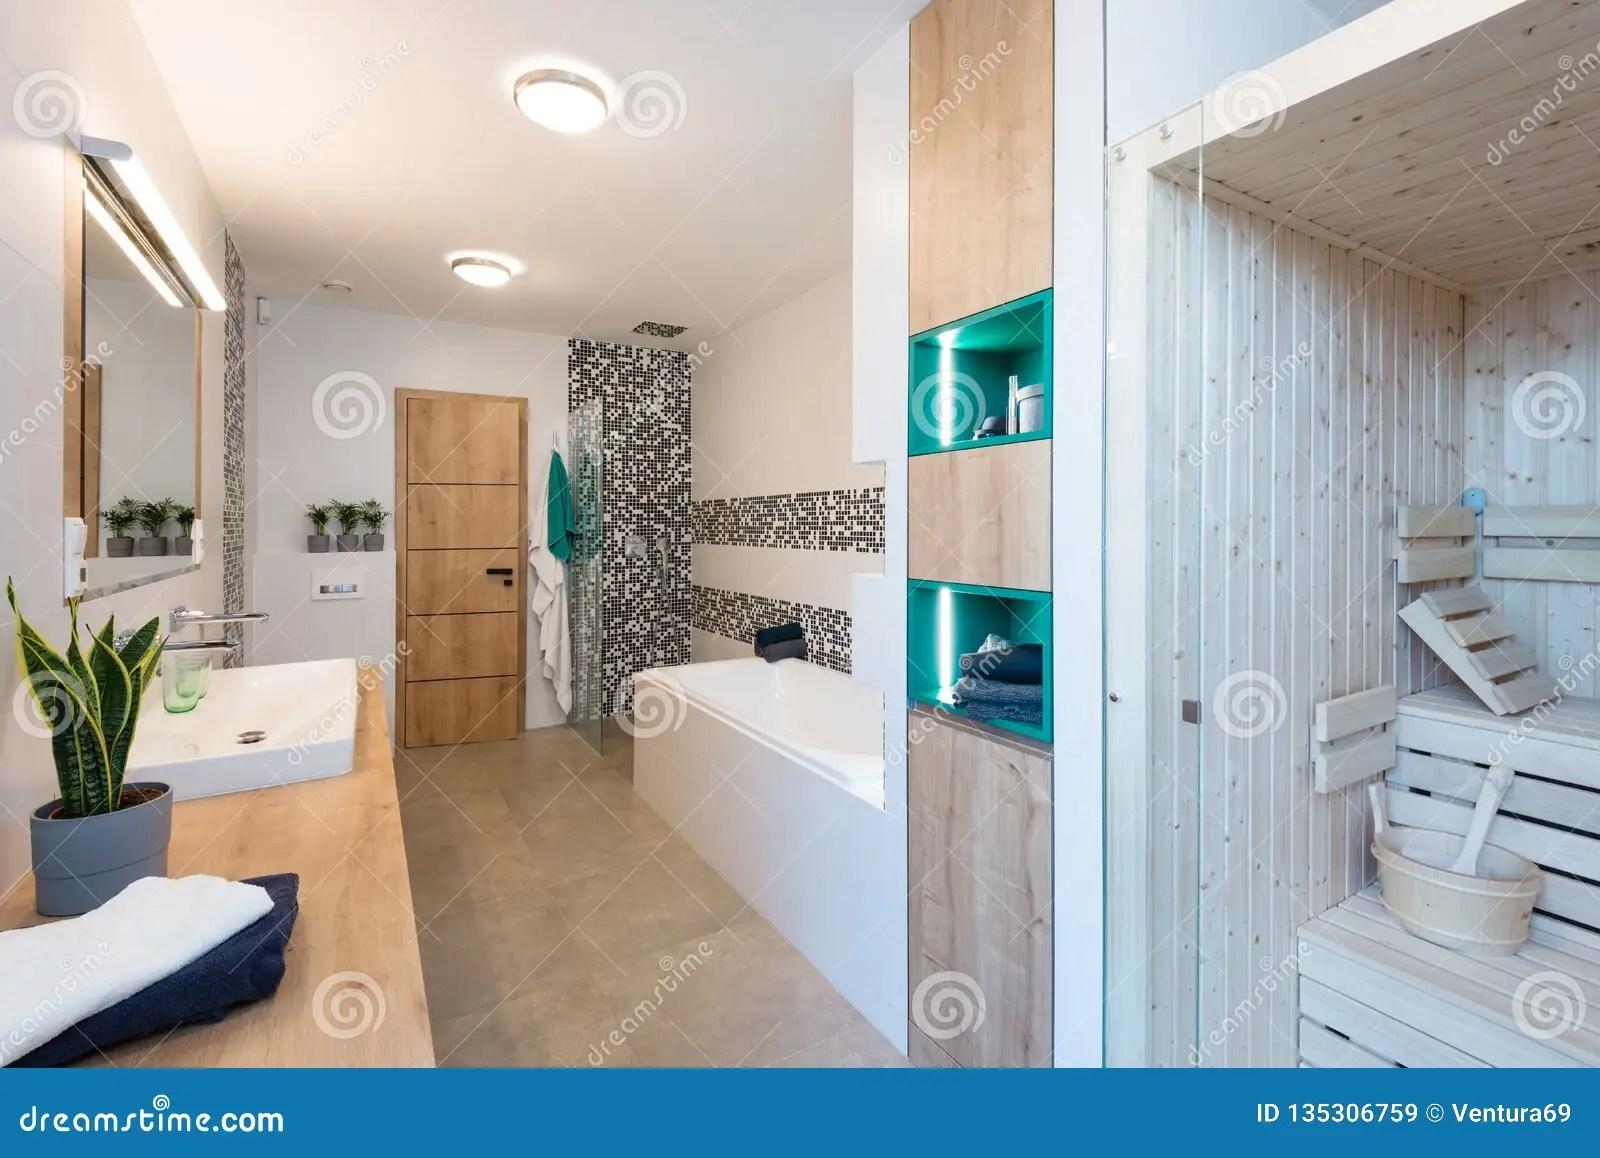 Bagni Piccoli Con Vasca : Bagno moderno con vasca e doccia: bagno con la vasca e la doccia